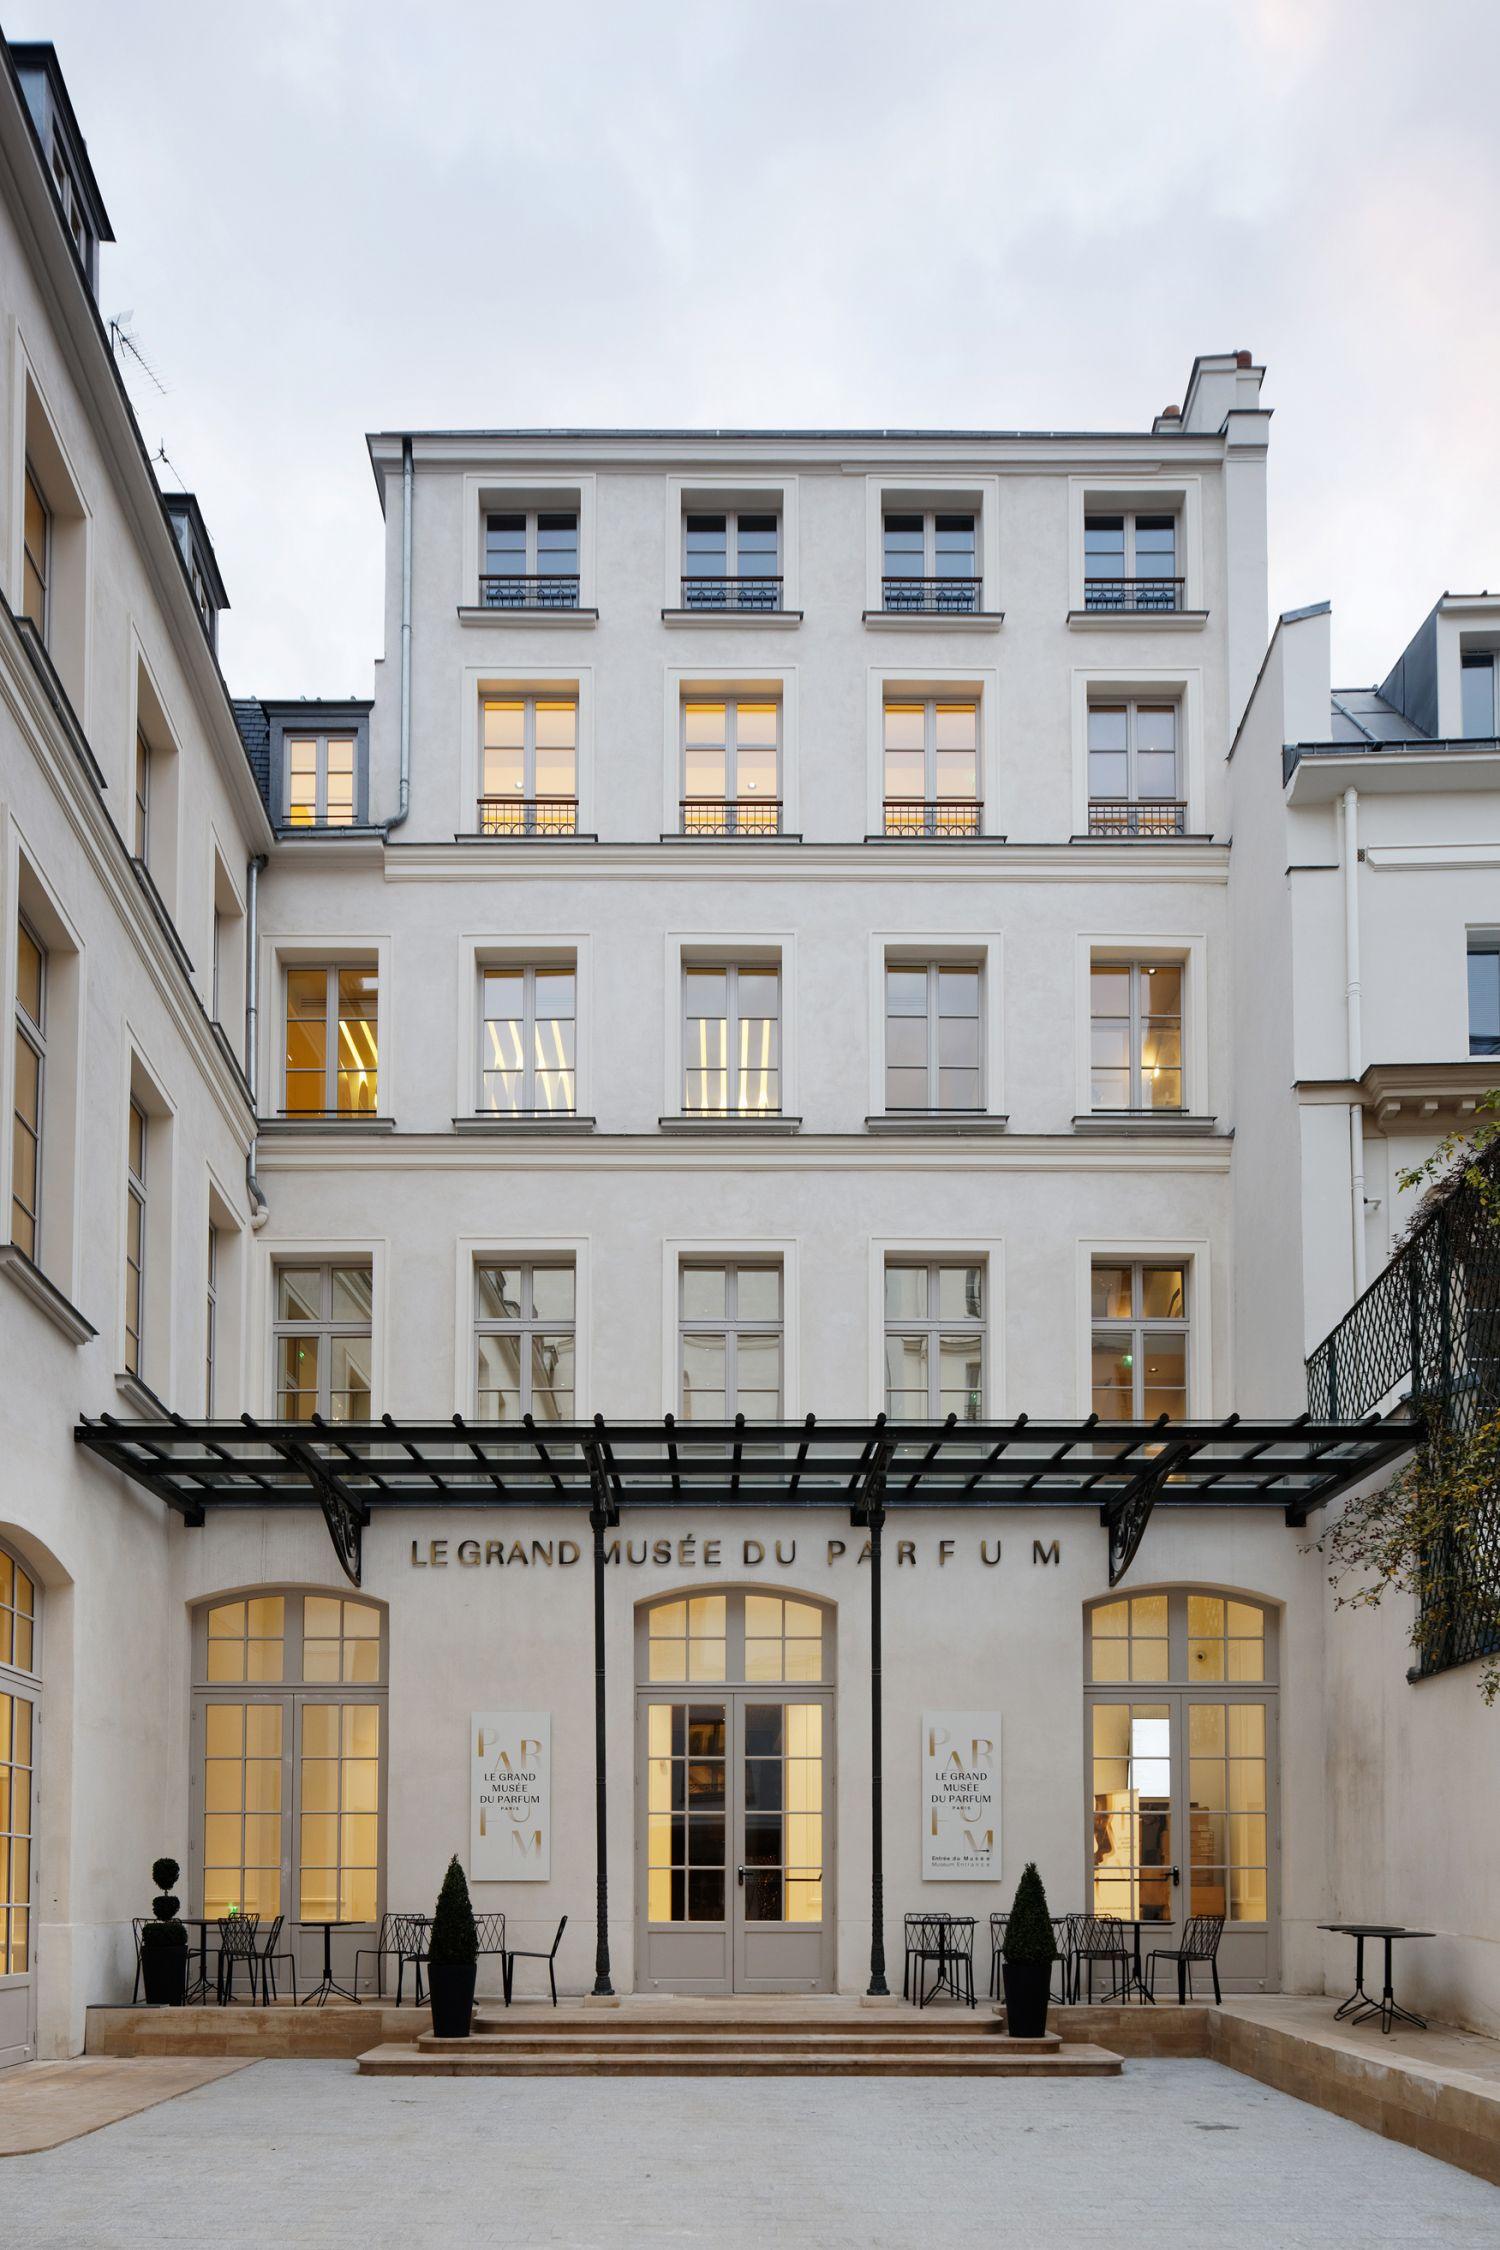 Réhabilitation d'un hôtel particulier en Musée du Parfum - Arch. Projectiles - Photos : Vincent Fillon